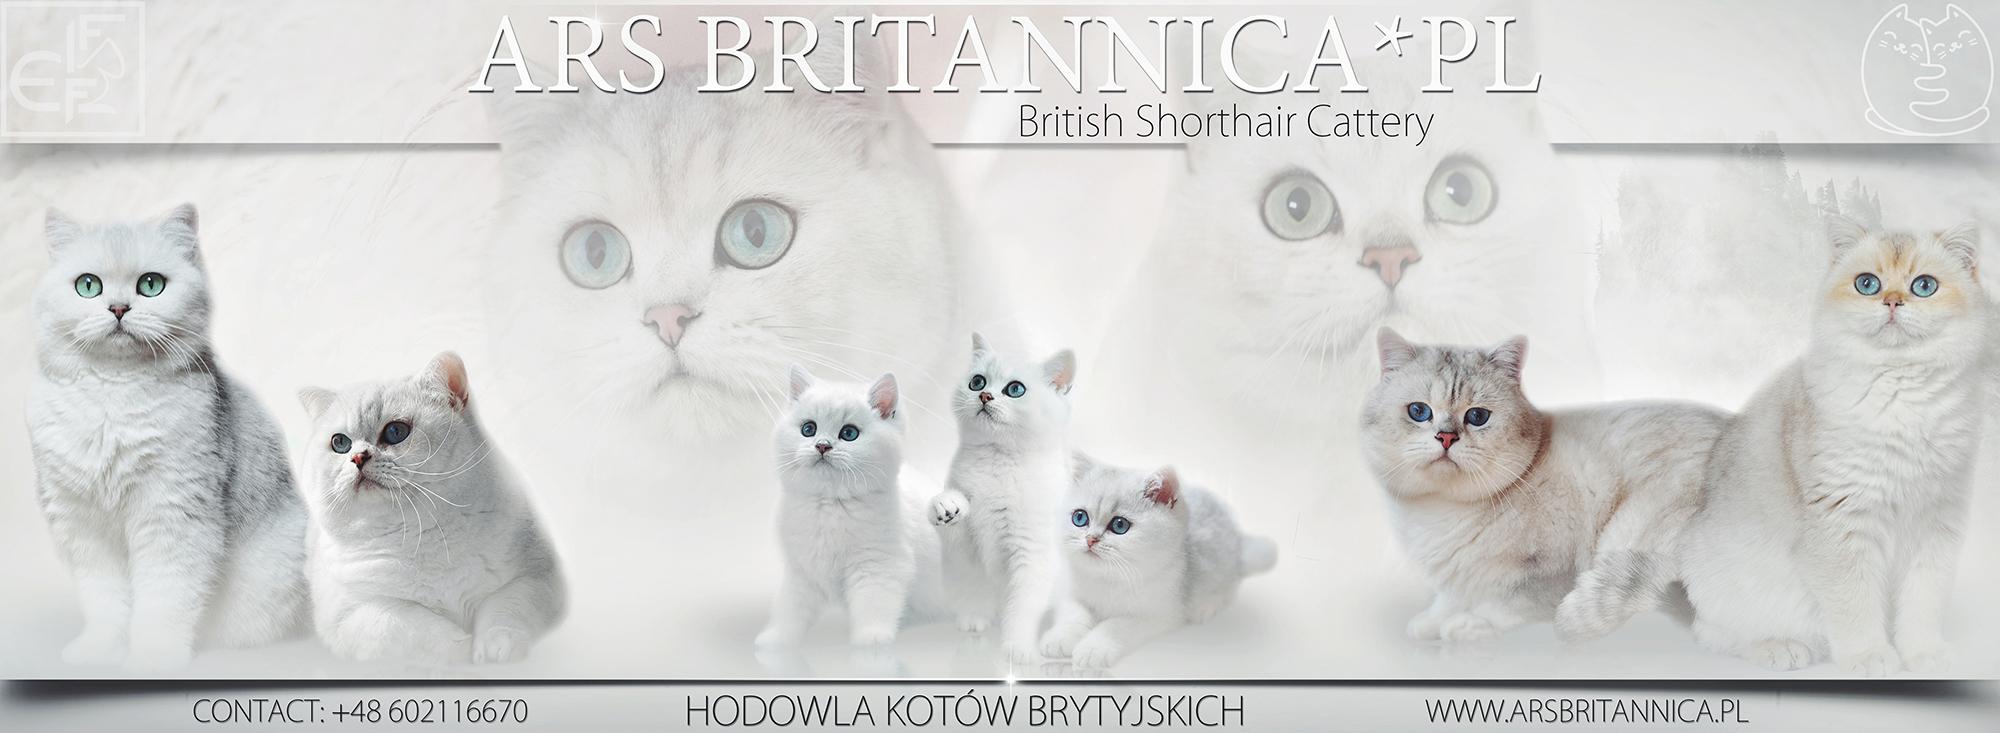 ARS BRITANNICA PL - HODOWLA KOTÓW BRYTYJSKICH